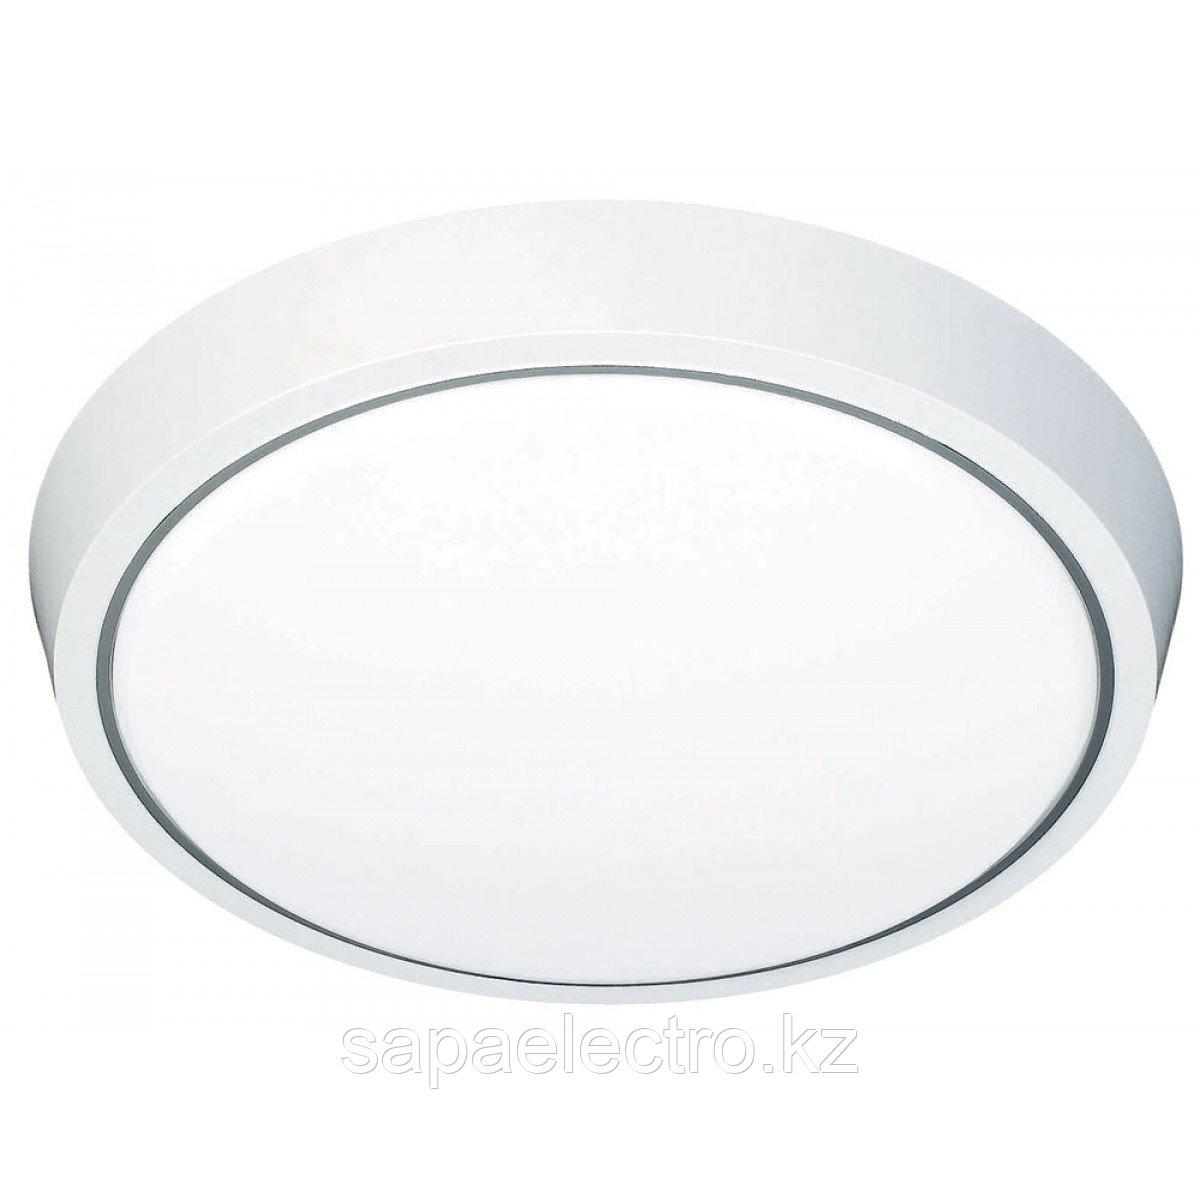 Свет-к UFO LED 10W 5500K   (TEKSAN) 20шт